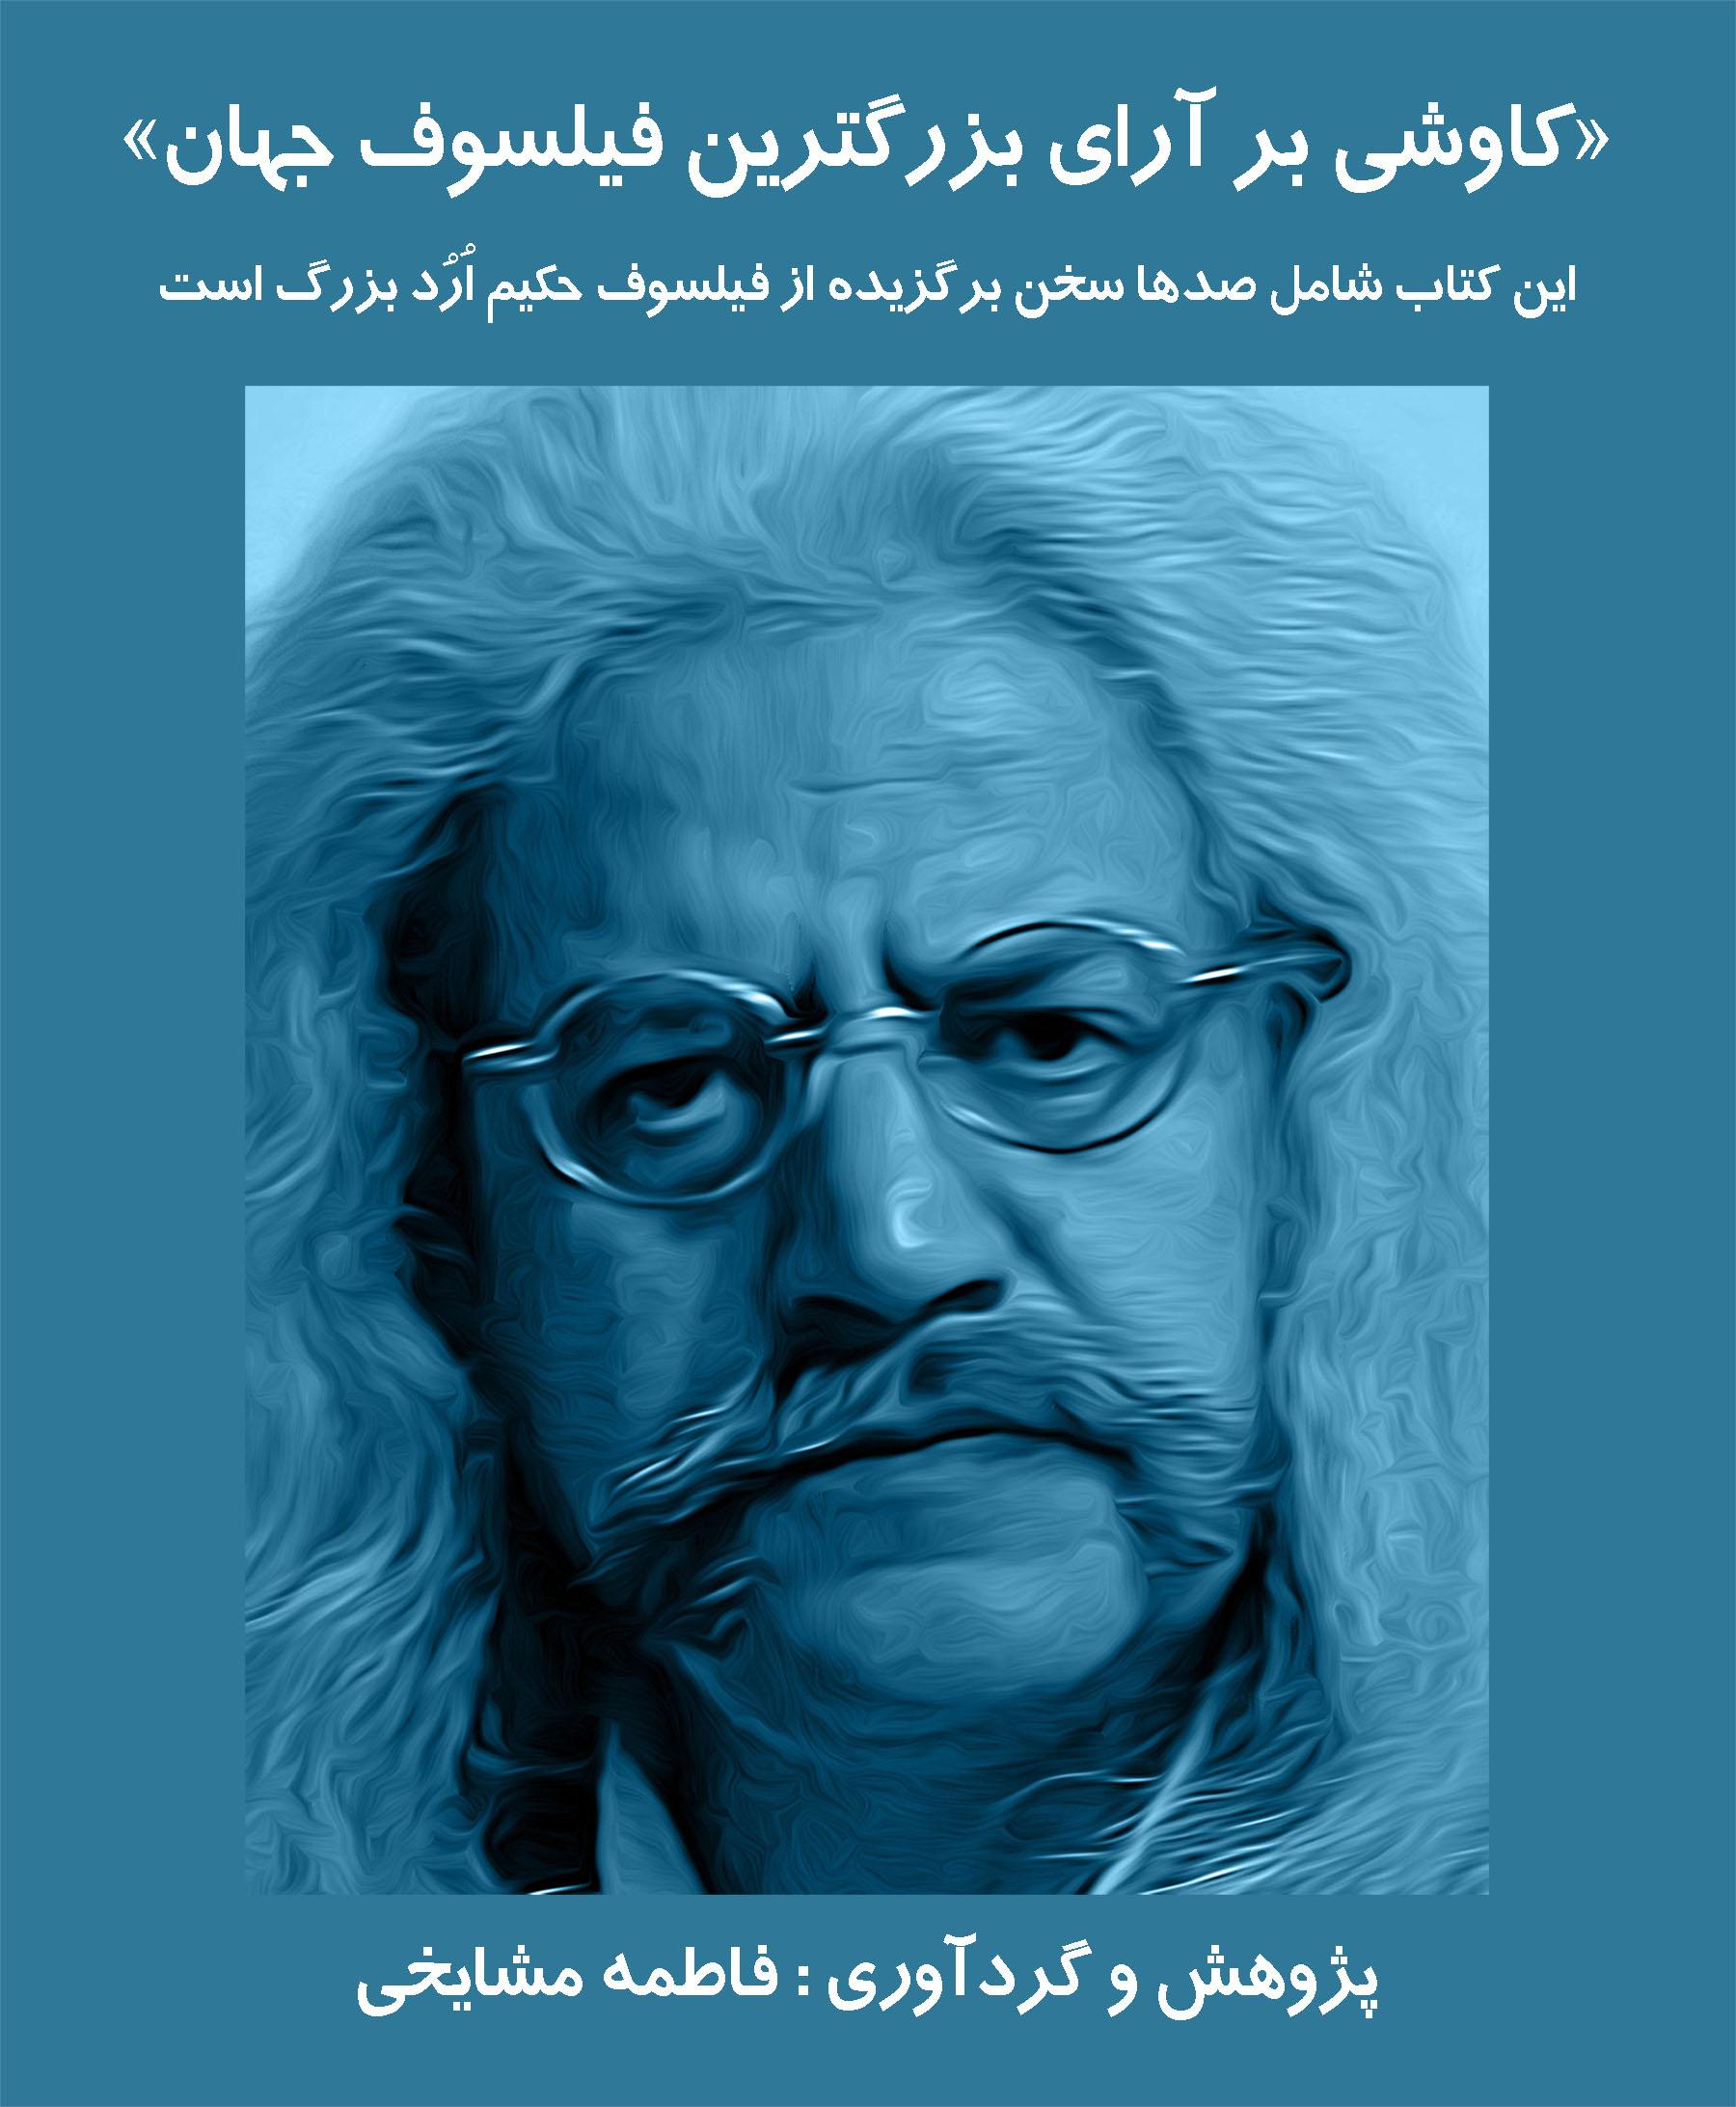 فیلسوف حکیم ارد بزرگ خراسانی نابغه عرصه فلسفه Fatemeh_mashayekhi_book